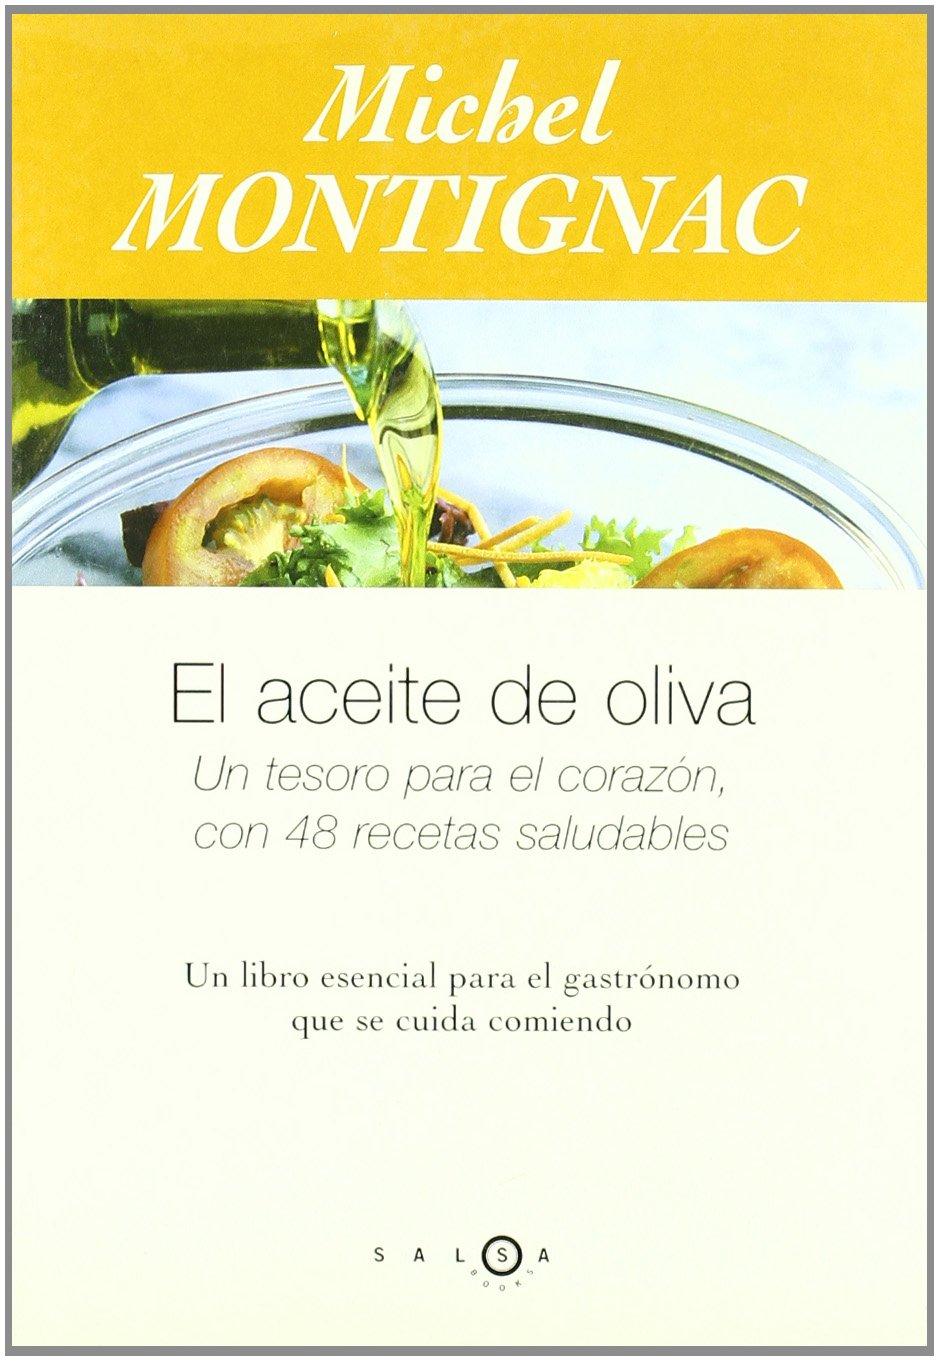 Un tesoro parael corazón, con 48 recetas saludabl SALSA: Amazon.es: Michel Montignac, Zoraida de Torres Burgos: Libros